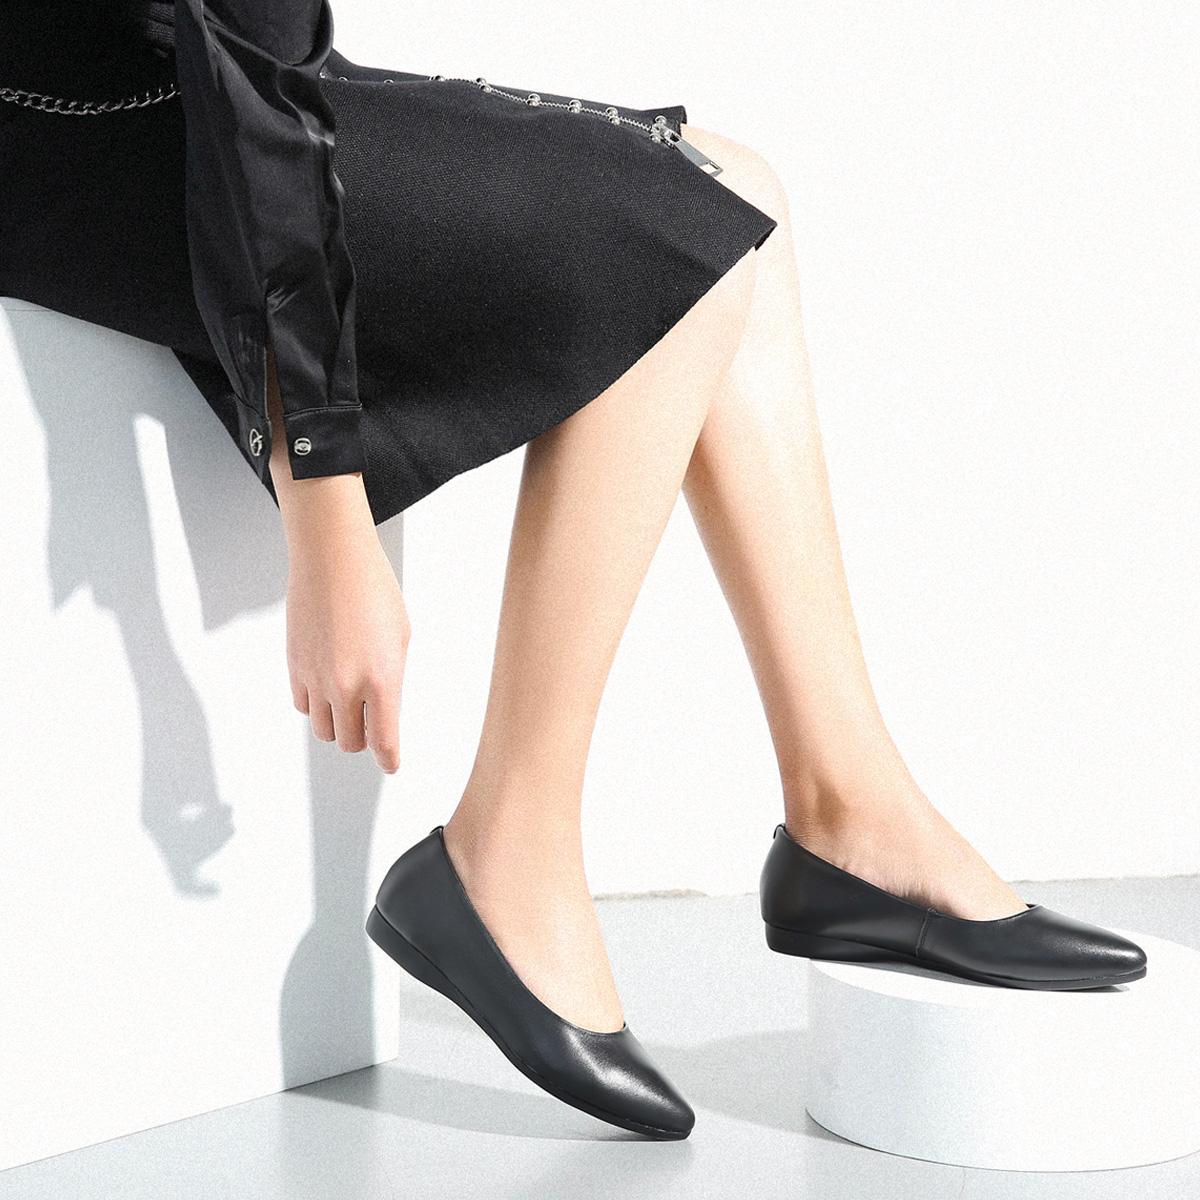 真皮尖头单鞋女平底软底职业空姐女鞋黑色皮鞋舒适上班酒店工作鞋